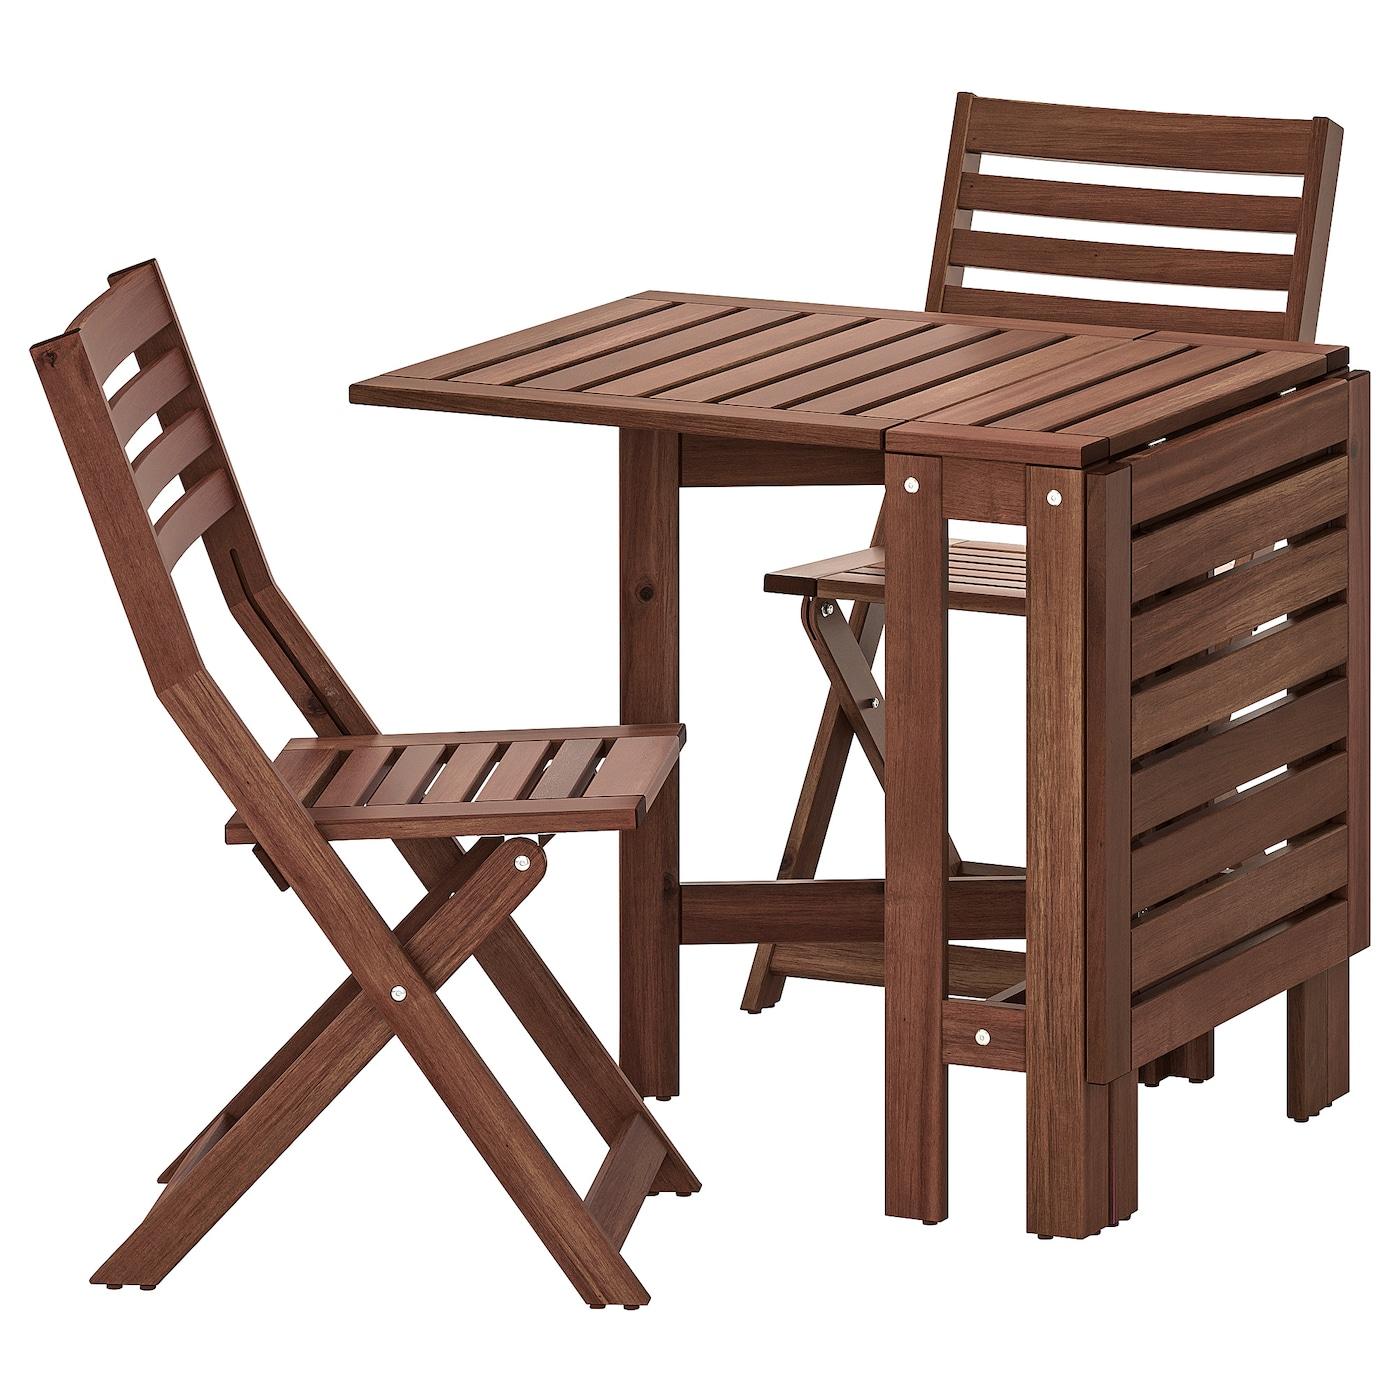 Full Size of Ikea Gartentisch Pplar Tisch 2 Klappsthle Auen Braun Las Deutschland Küche Kosten Modulküche Sofa Mit Schlaffunktion Miniküche Betten Bei 160x200 Kaufen Wohnzimmer Ikea Gartentisch